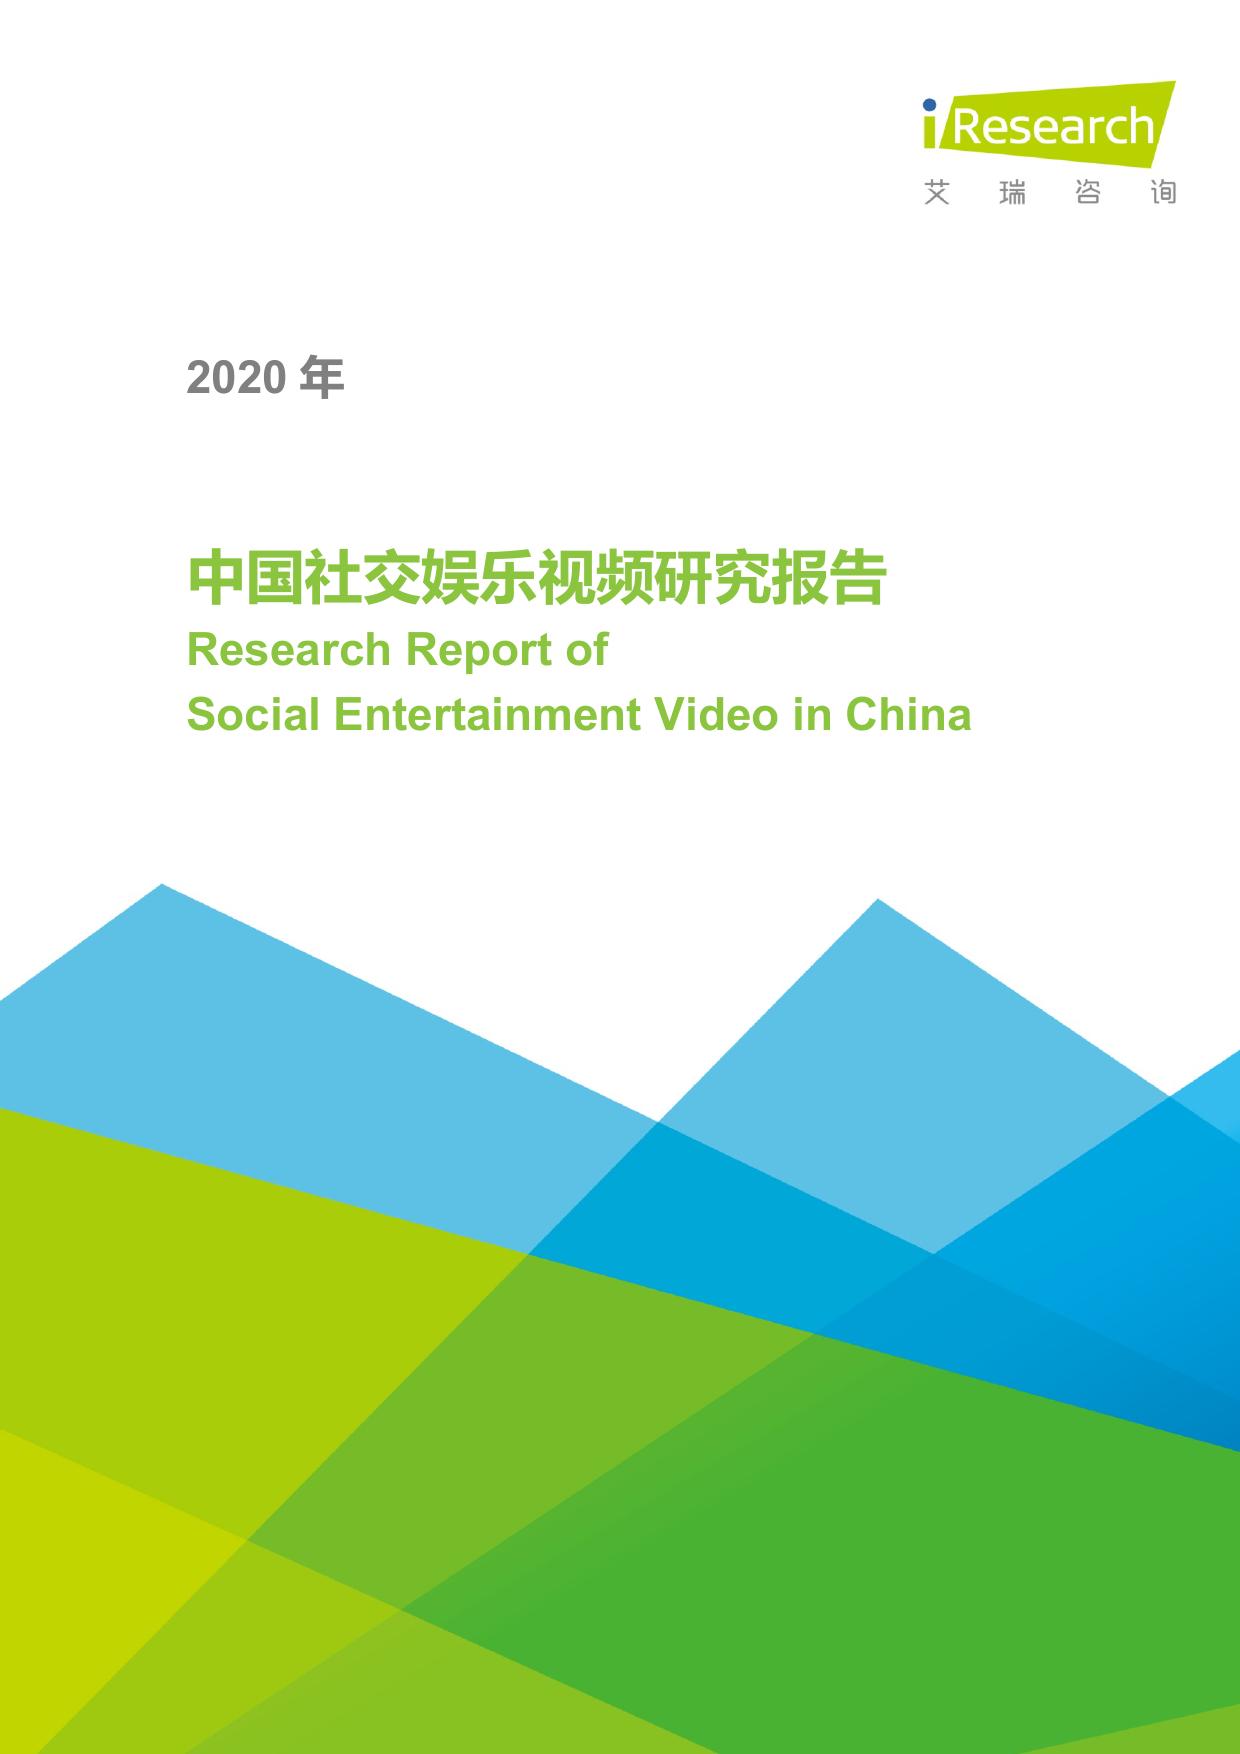 艾瑞咨询:2020年中国社交娱乐视频研究报告(附下载)